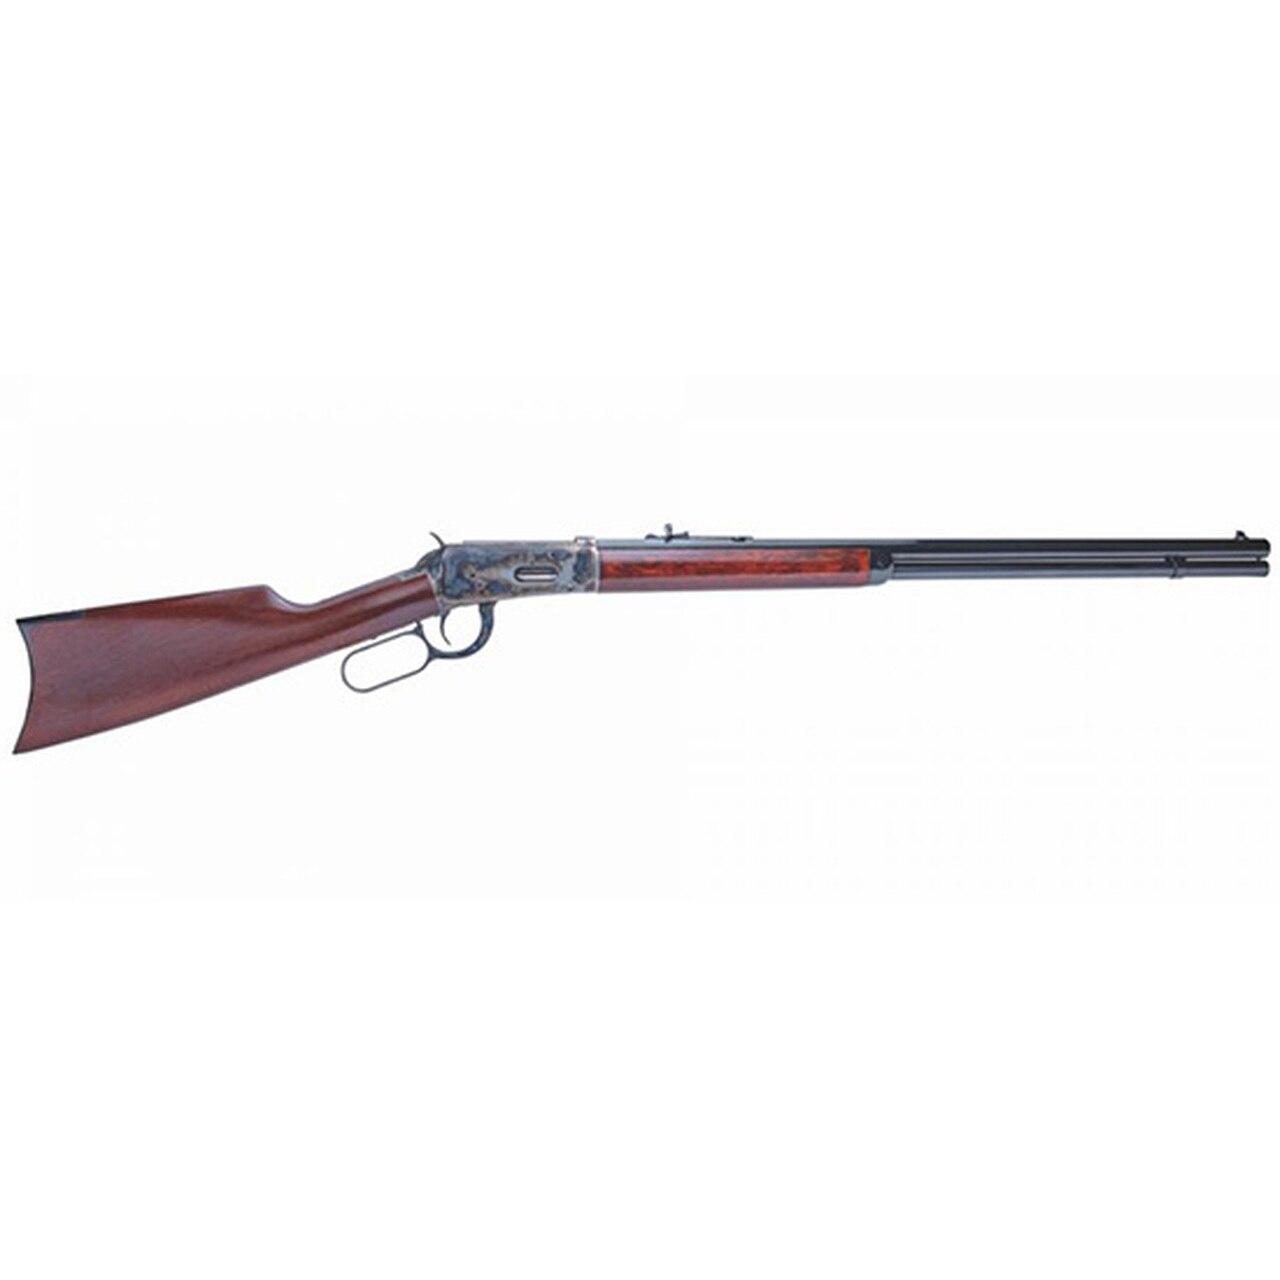 """Image of ATI Rifle Head Down PV13 5.56 16"""" Display Model"""